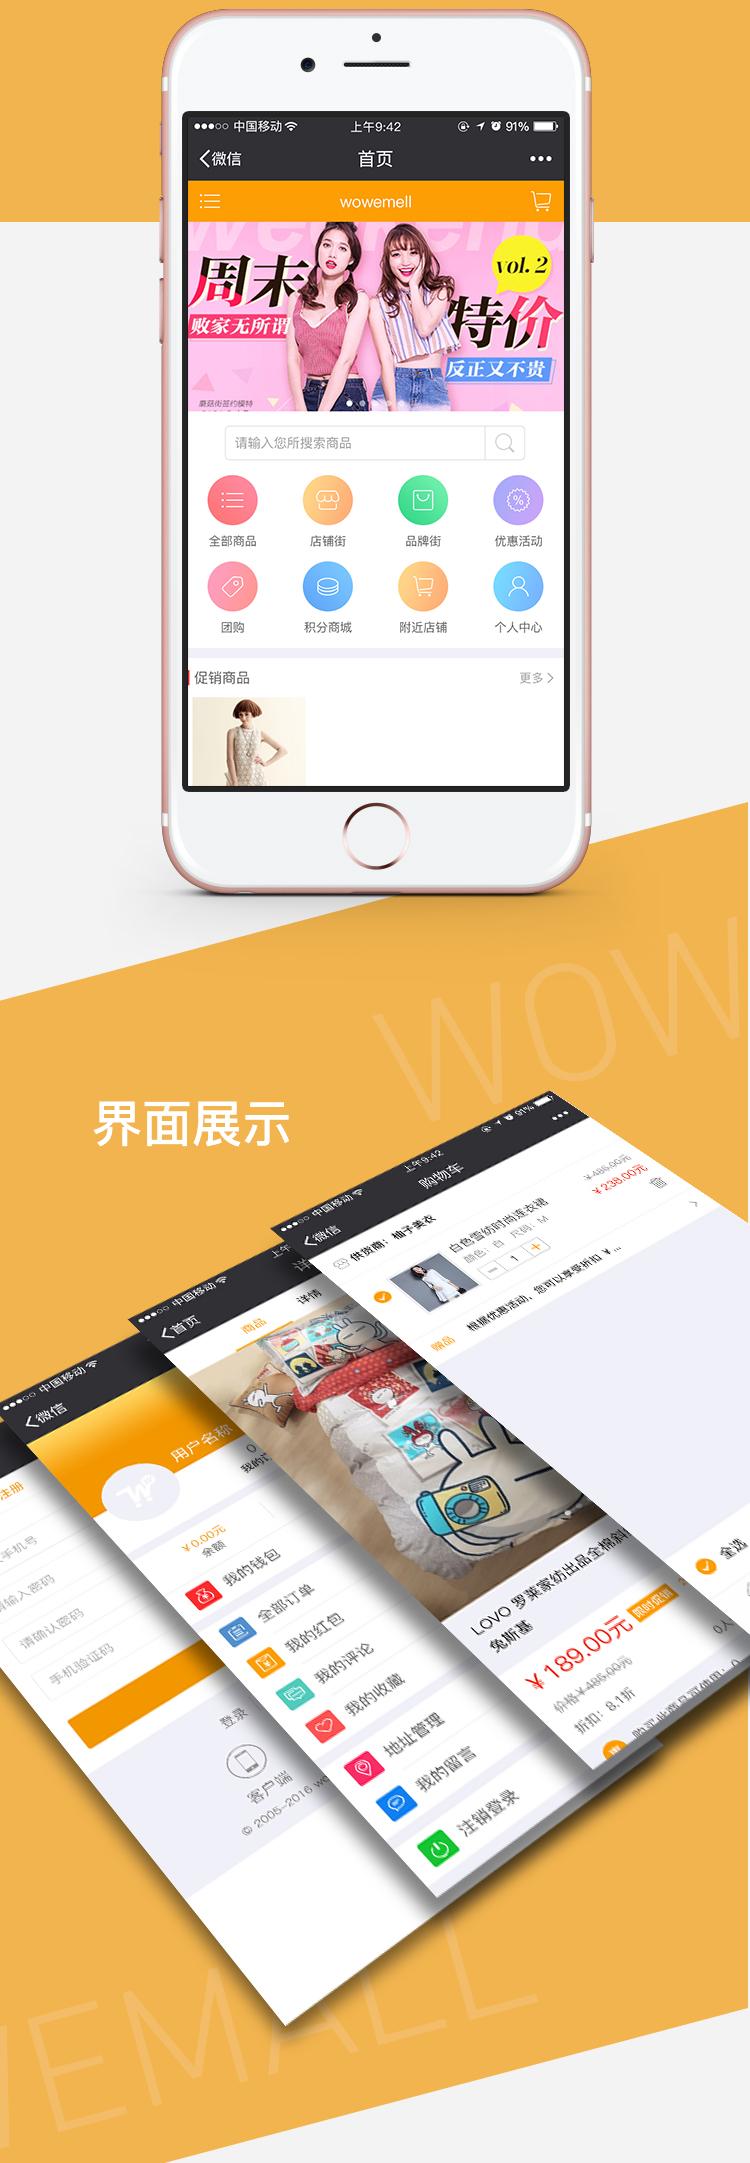 商城app應用